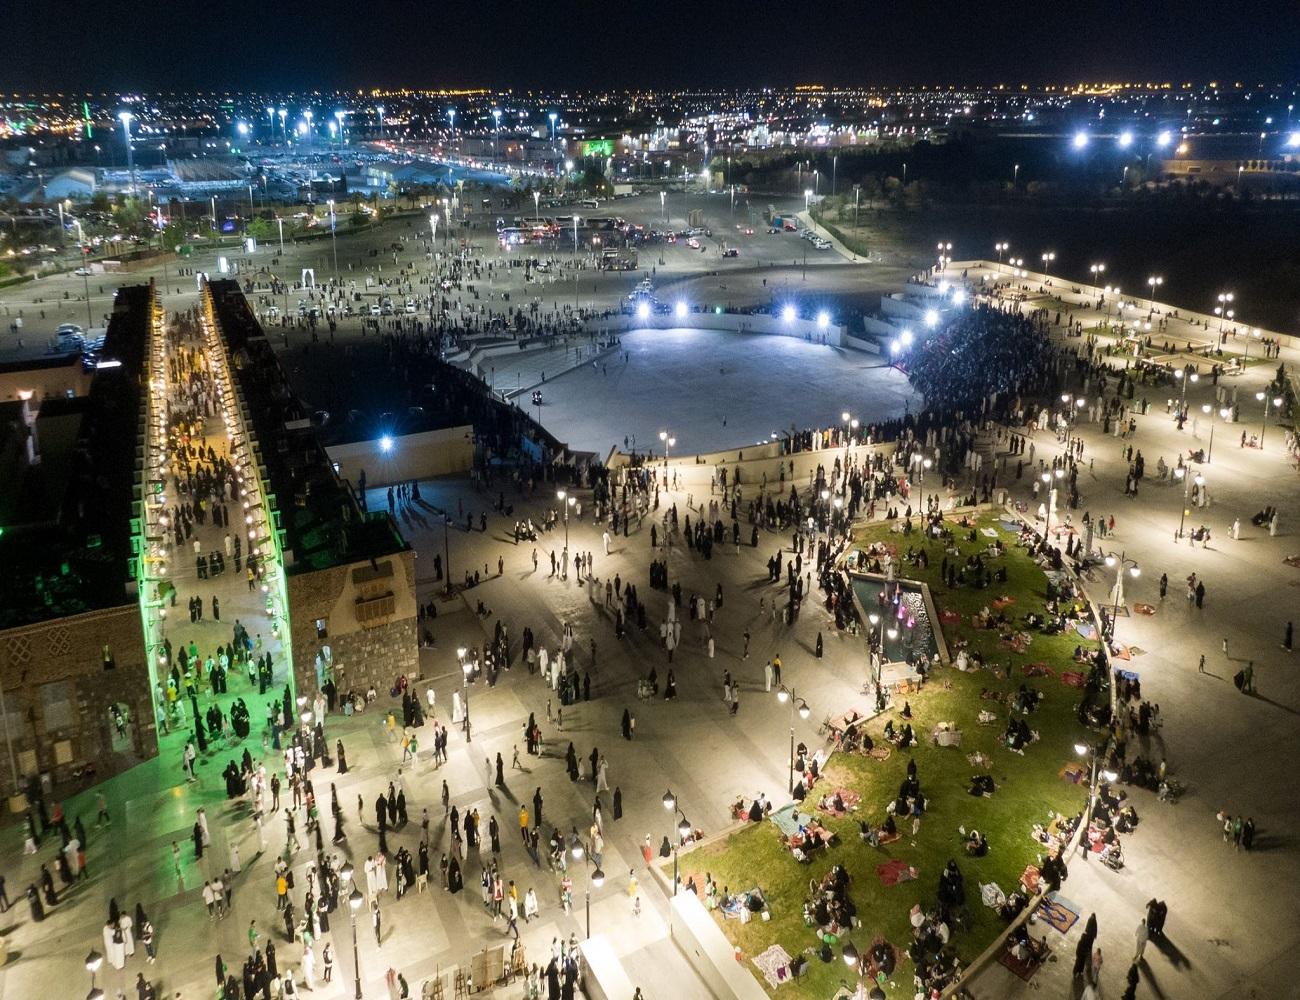 لقطة رائعة من حديقة الملك فهد المركزية احتفالا باليوم الوطني